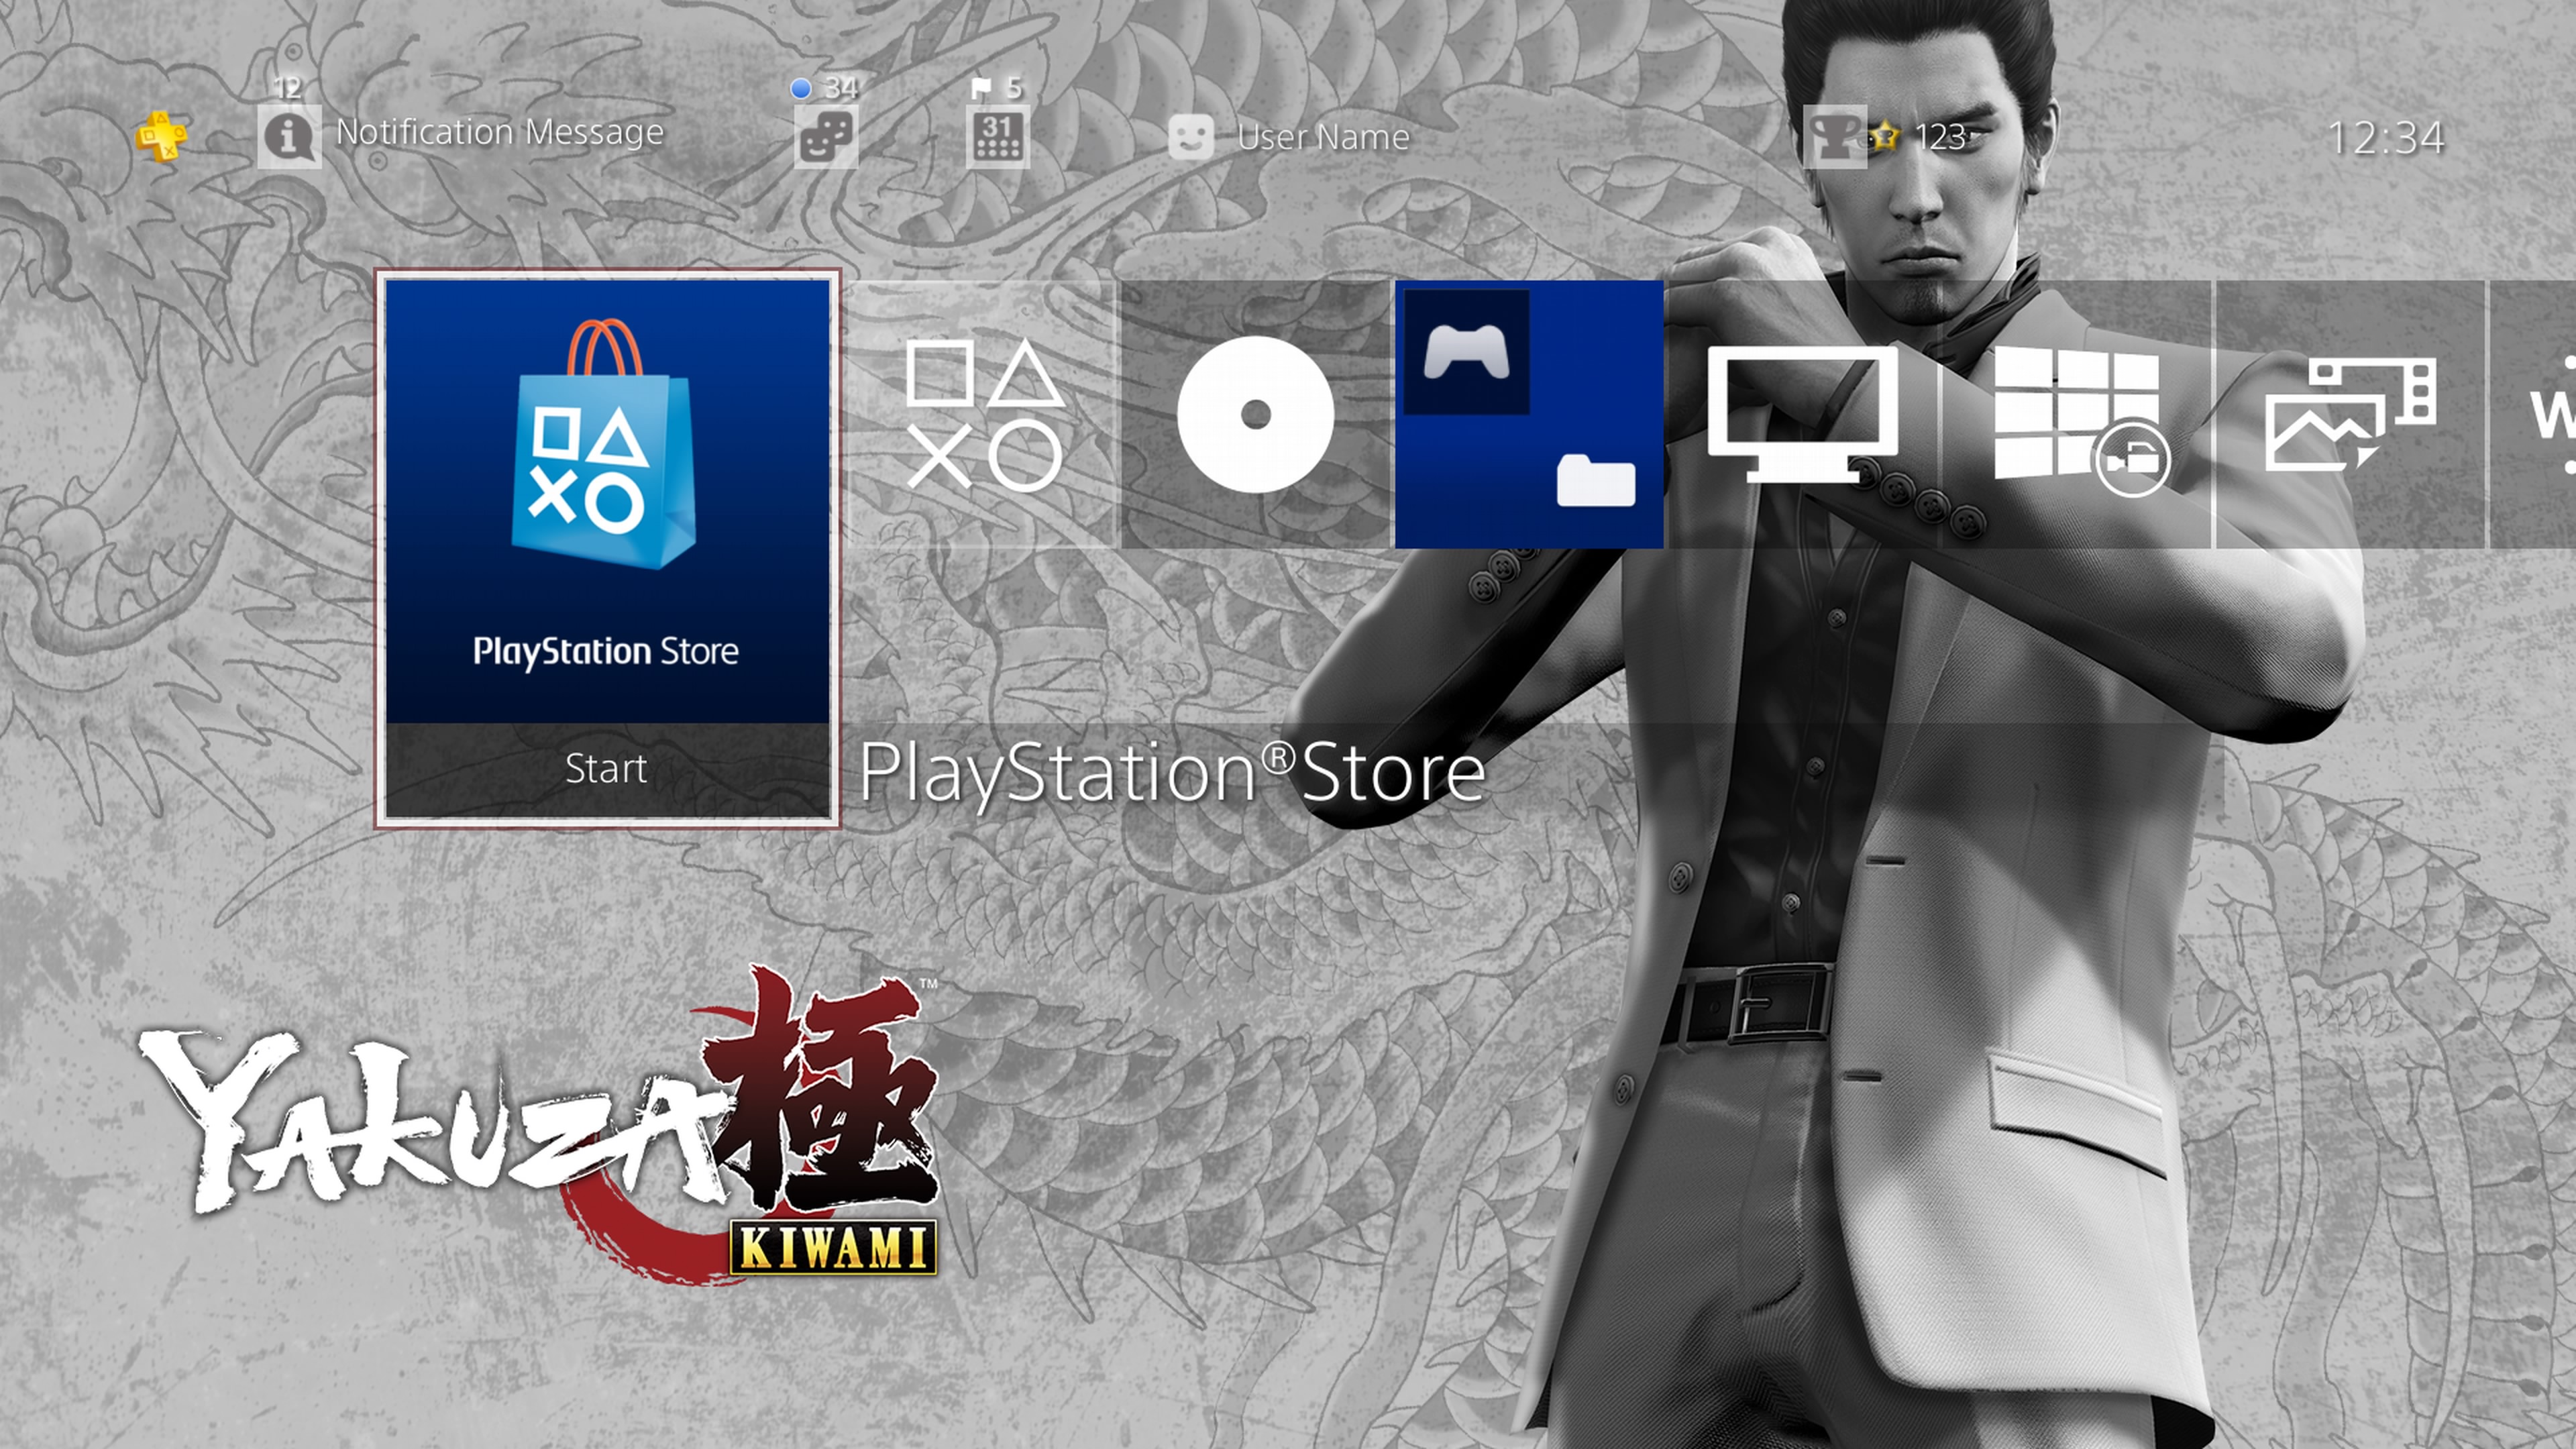 Yakuza Kiwami - PS4 theme